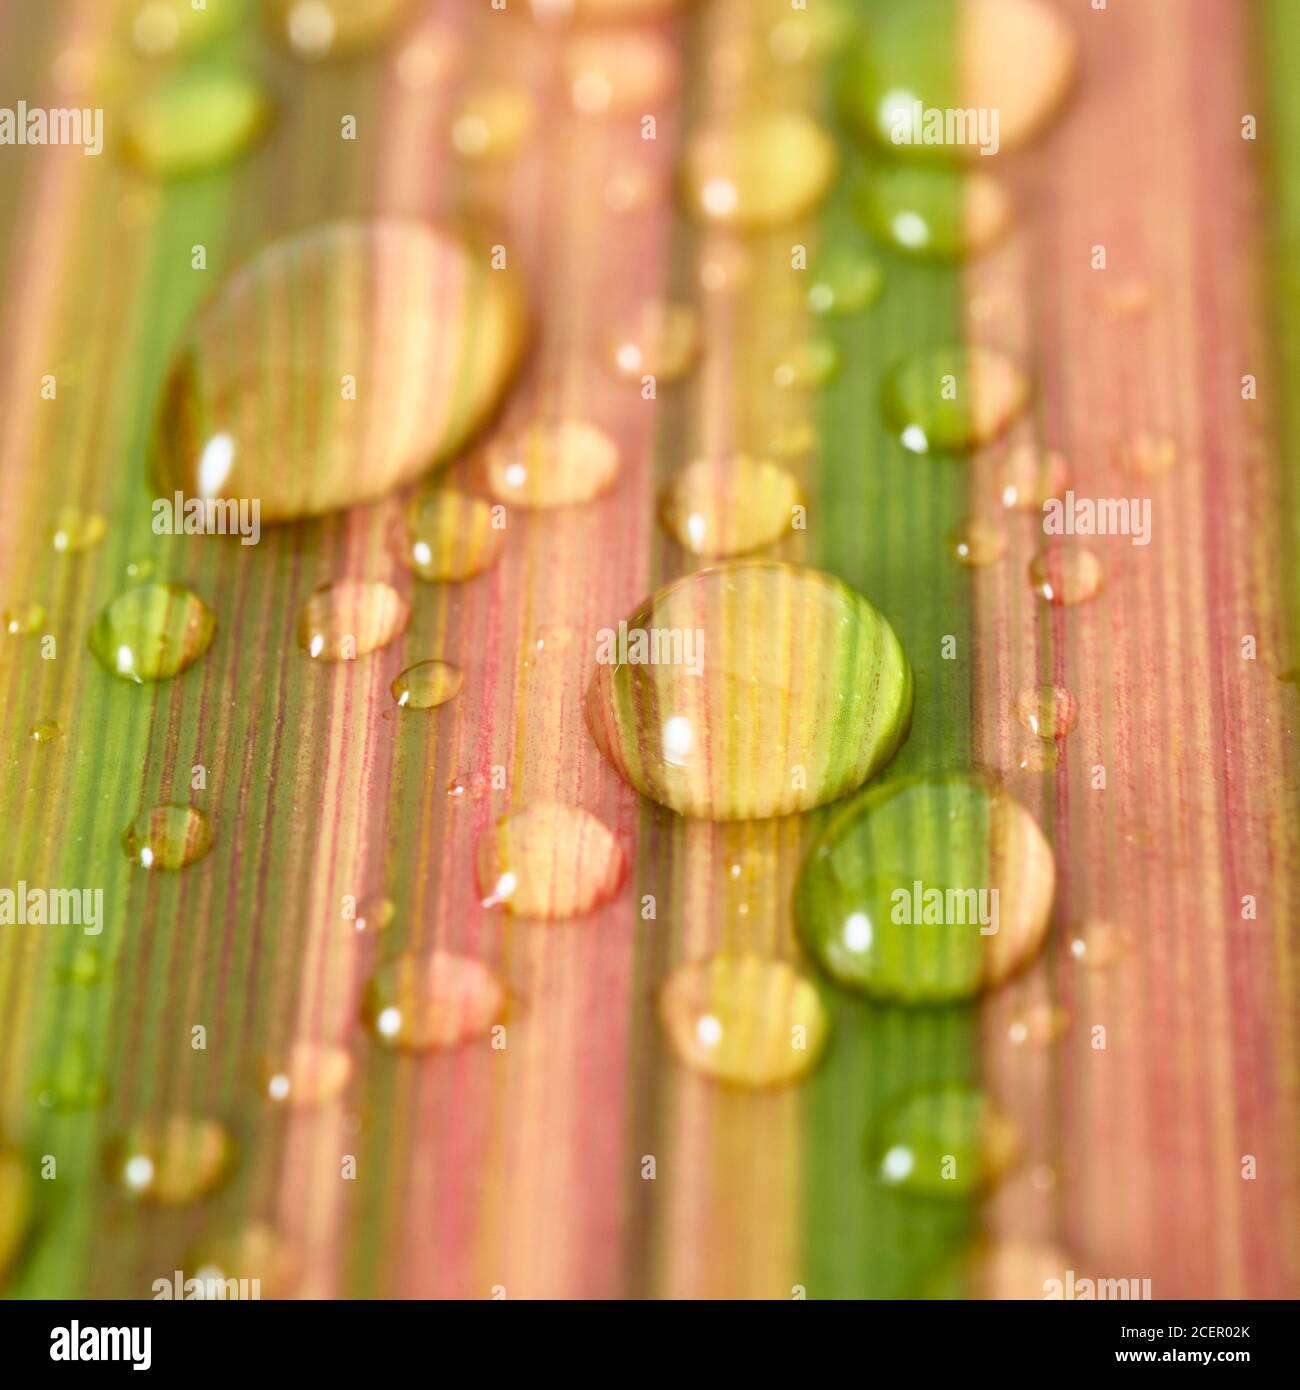 Wassertropfen auf Blatt von neuseeländischem Flachs, phormium Tenax. Stockfoto